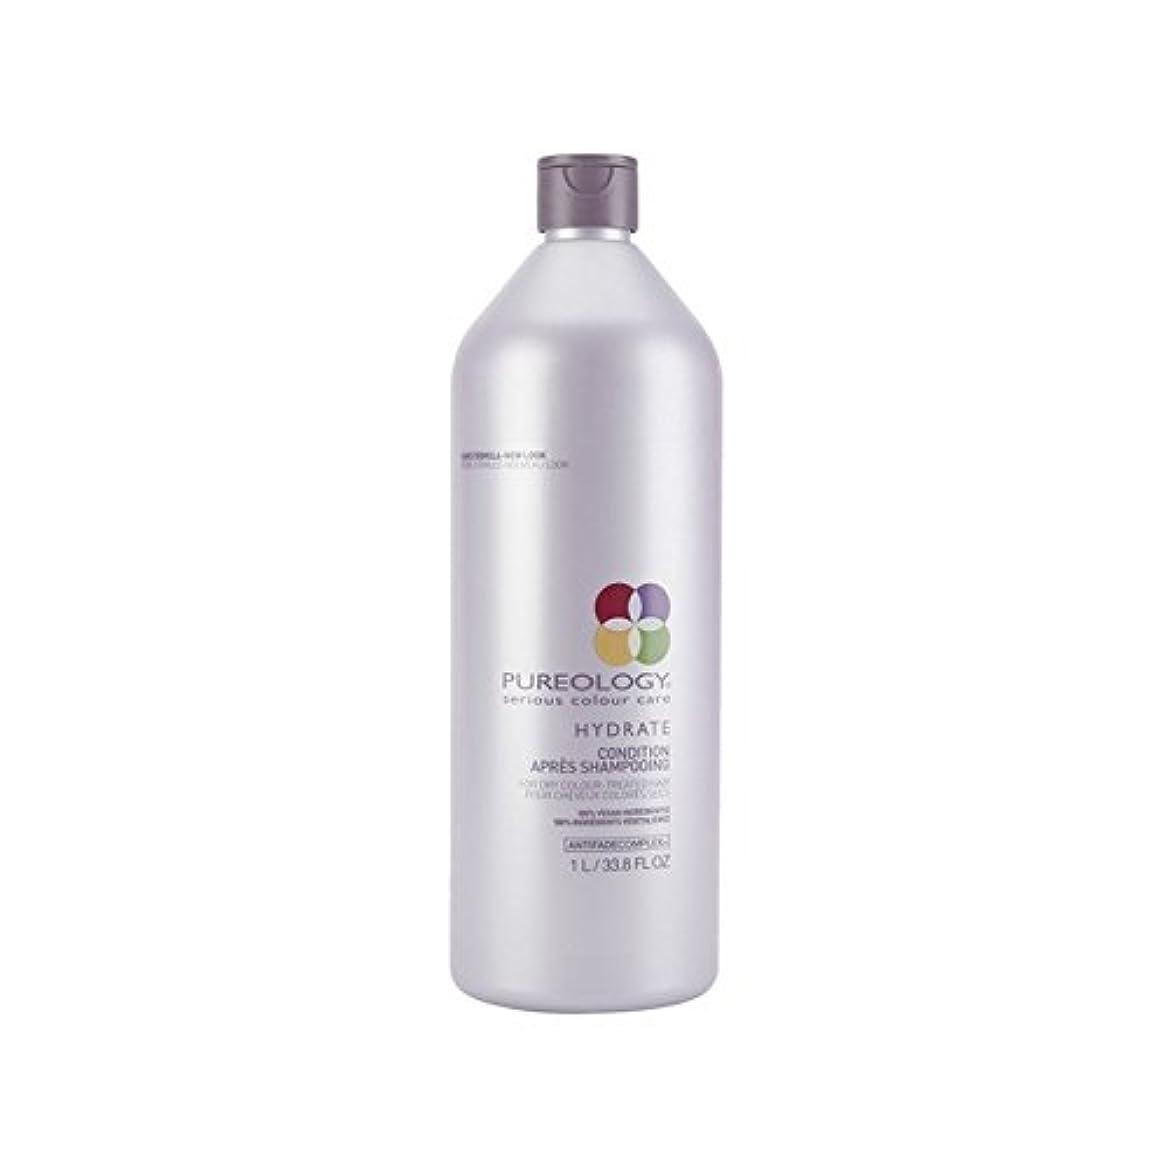 郵便番号宝石豊かにする純粋な水和物コンディショナー(千ミリリットル) x4 - Pureology Pure Hydrate Conditioner (1000ml) (Pack of 4) [並行輸入品]